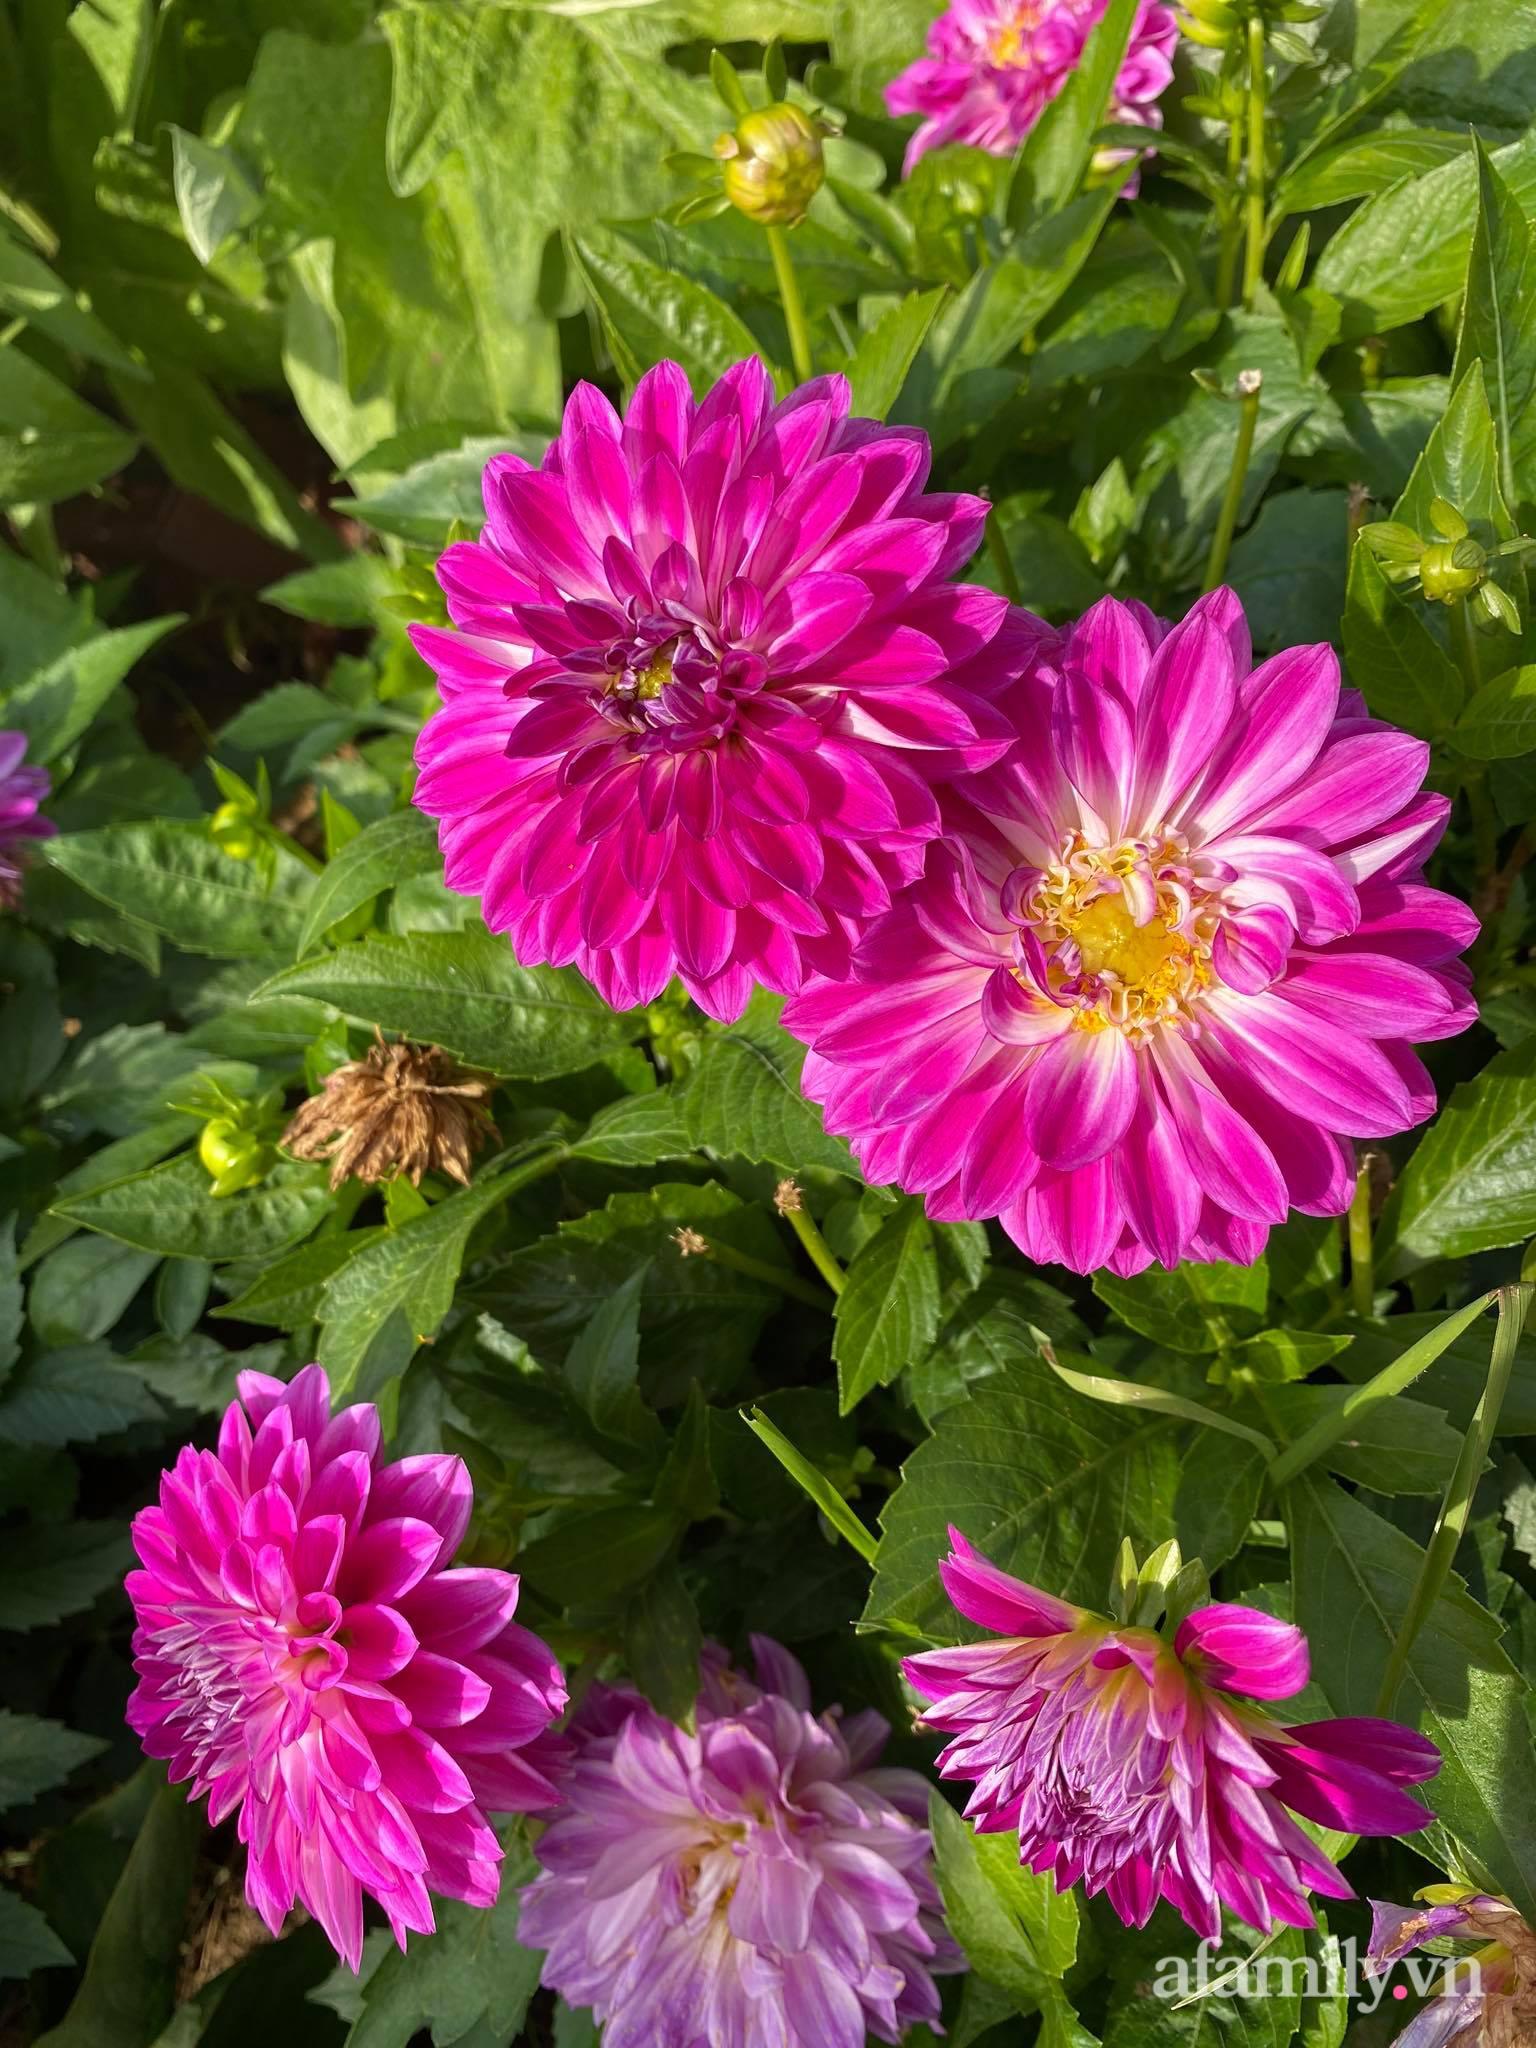 Khu vườn ngát hương hoa, tươi xanh màu rau củ của nữ giám đốc Việt ở Nga - Ảnh 14.